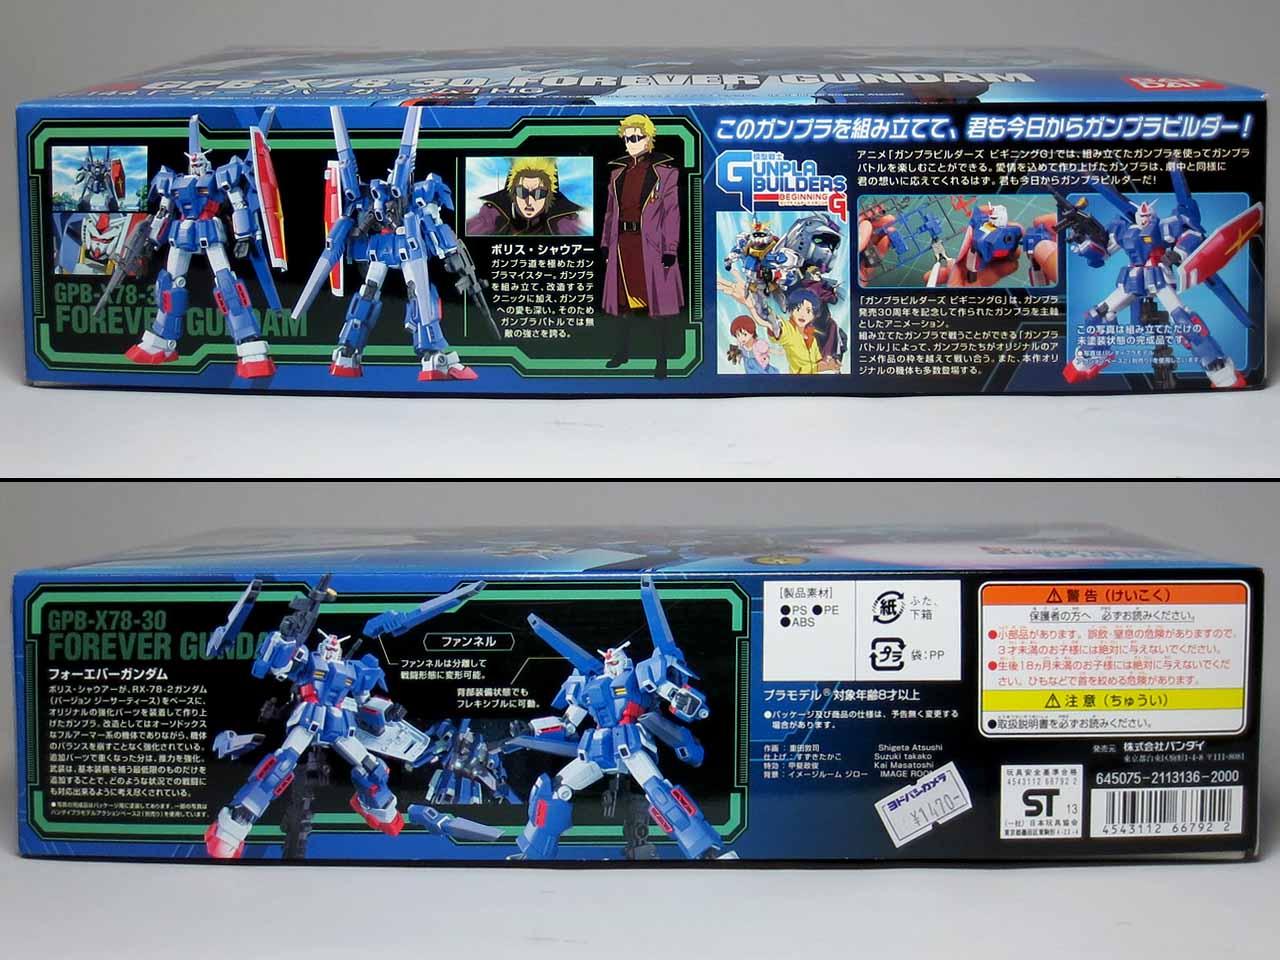 HG_Forever_Gundam_03.jpg